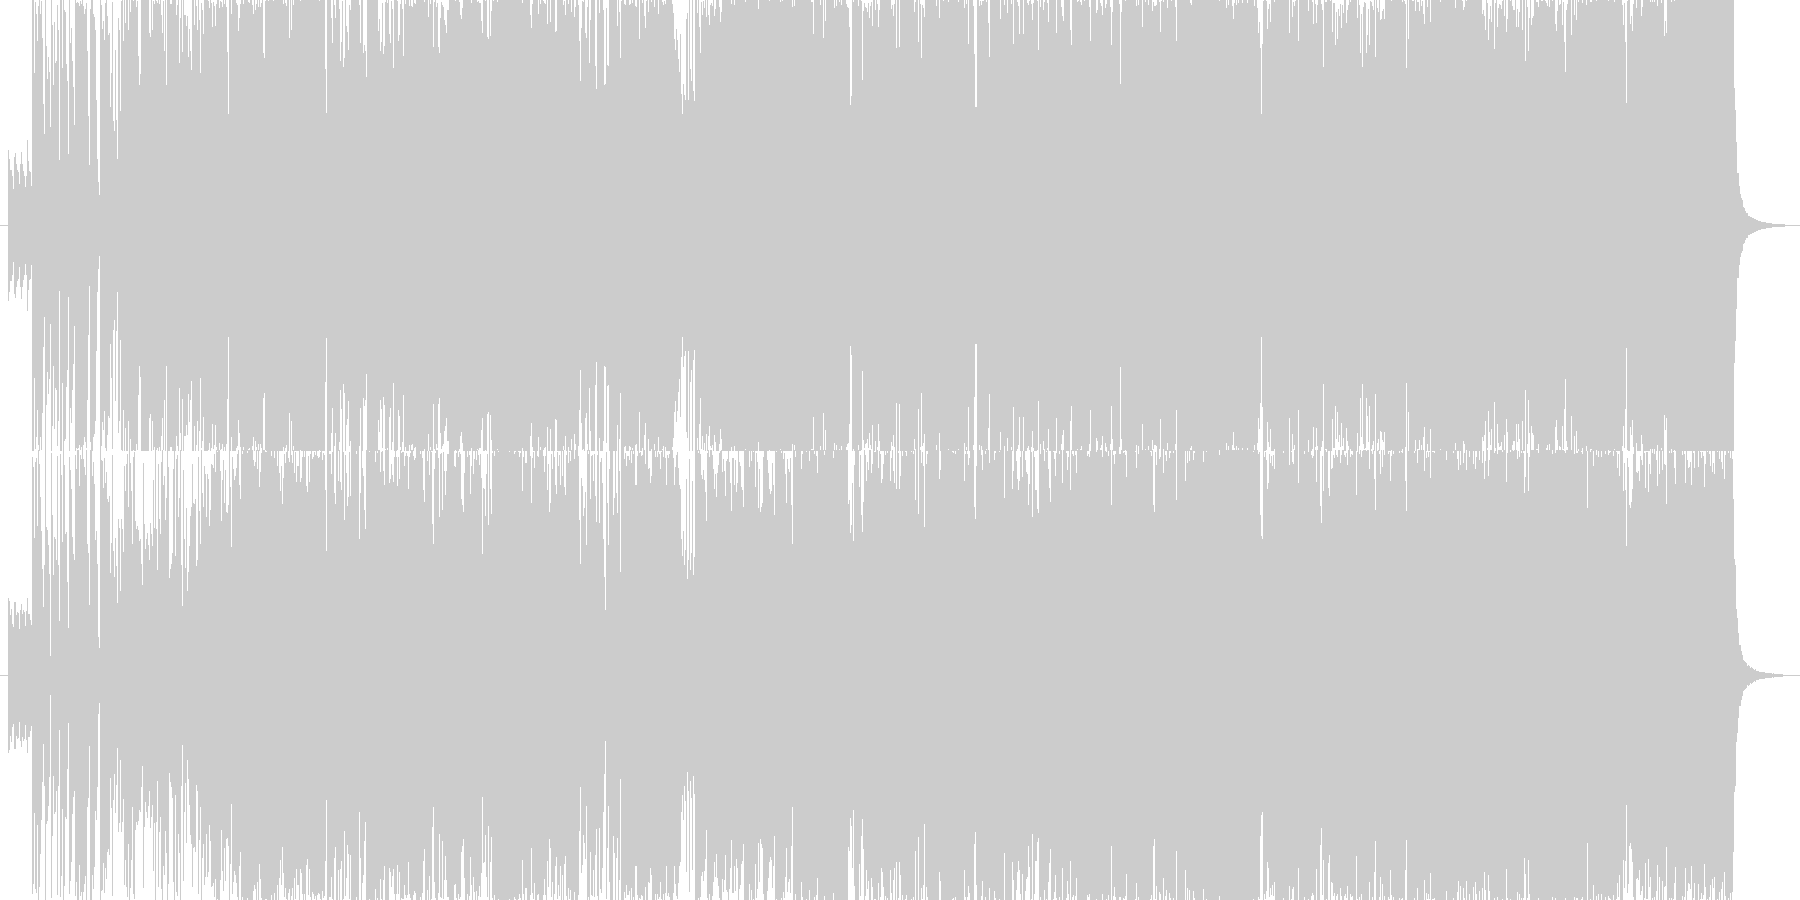 キレイでかっこいいロック管弦楽の未再生の波形